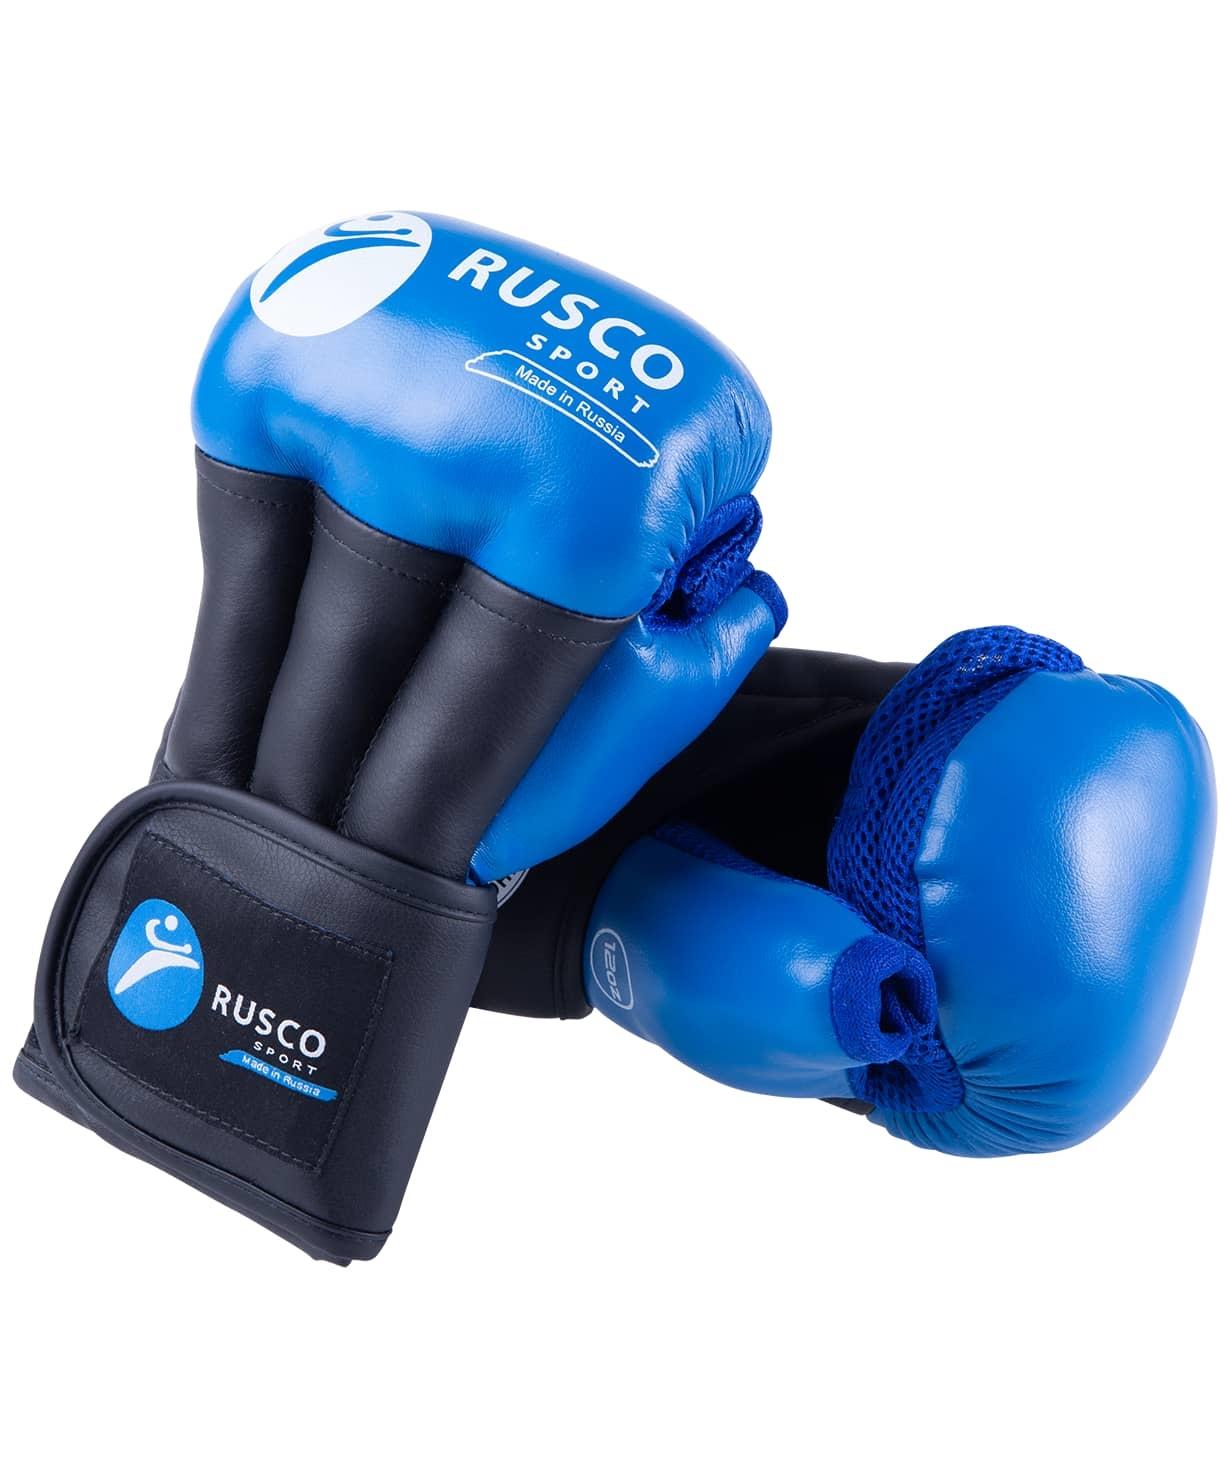 Перчатки для рукопашного боя PRO, к/з, синий